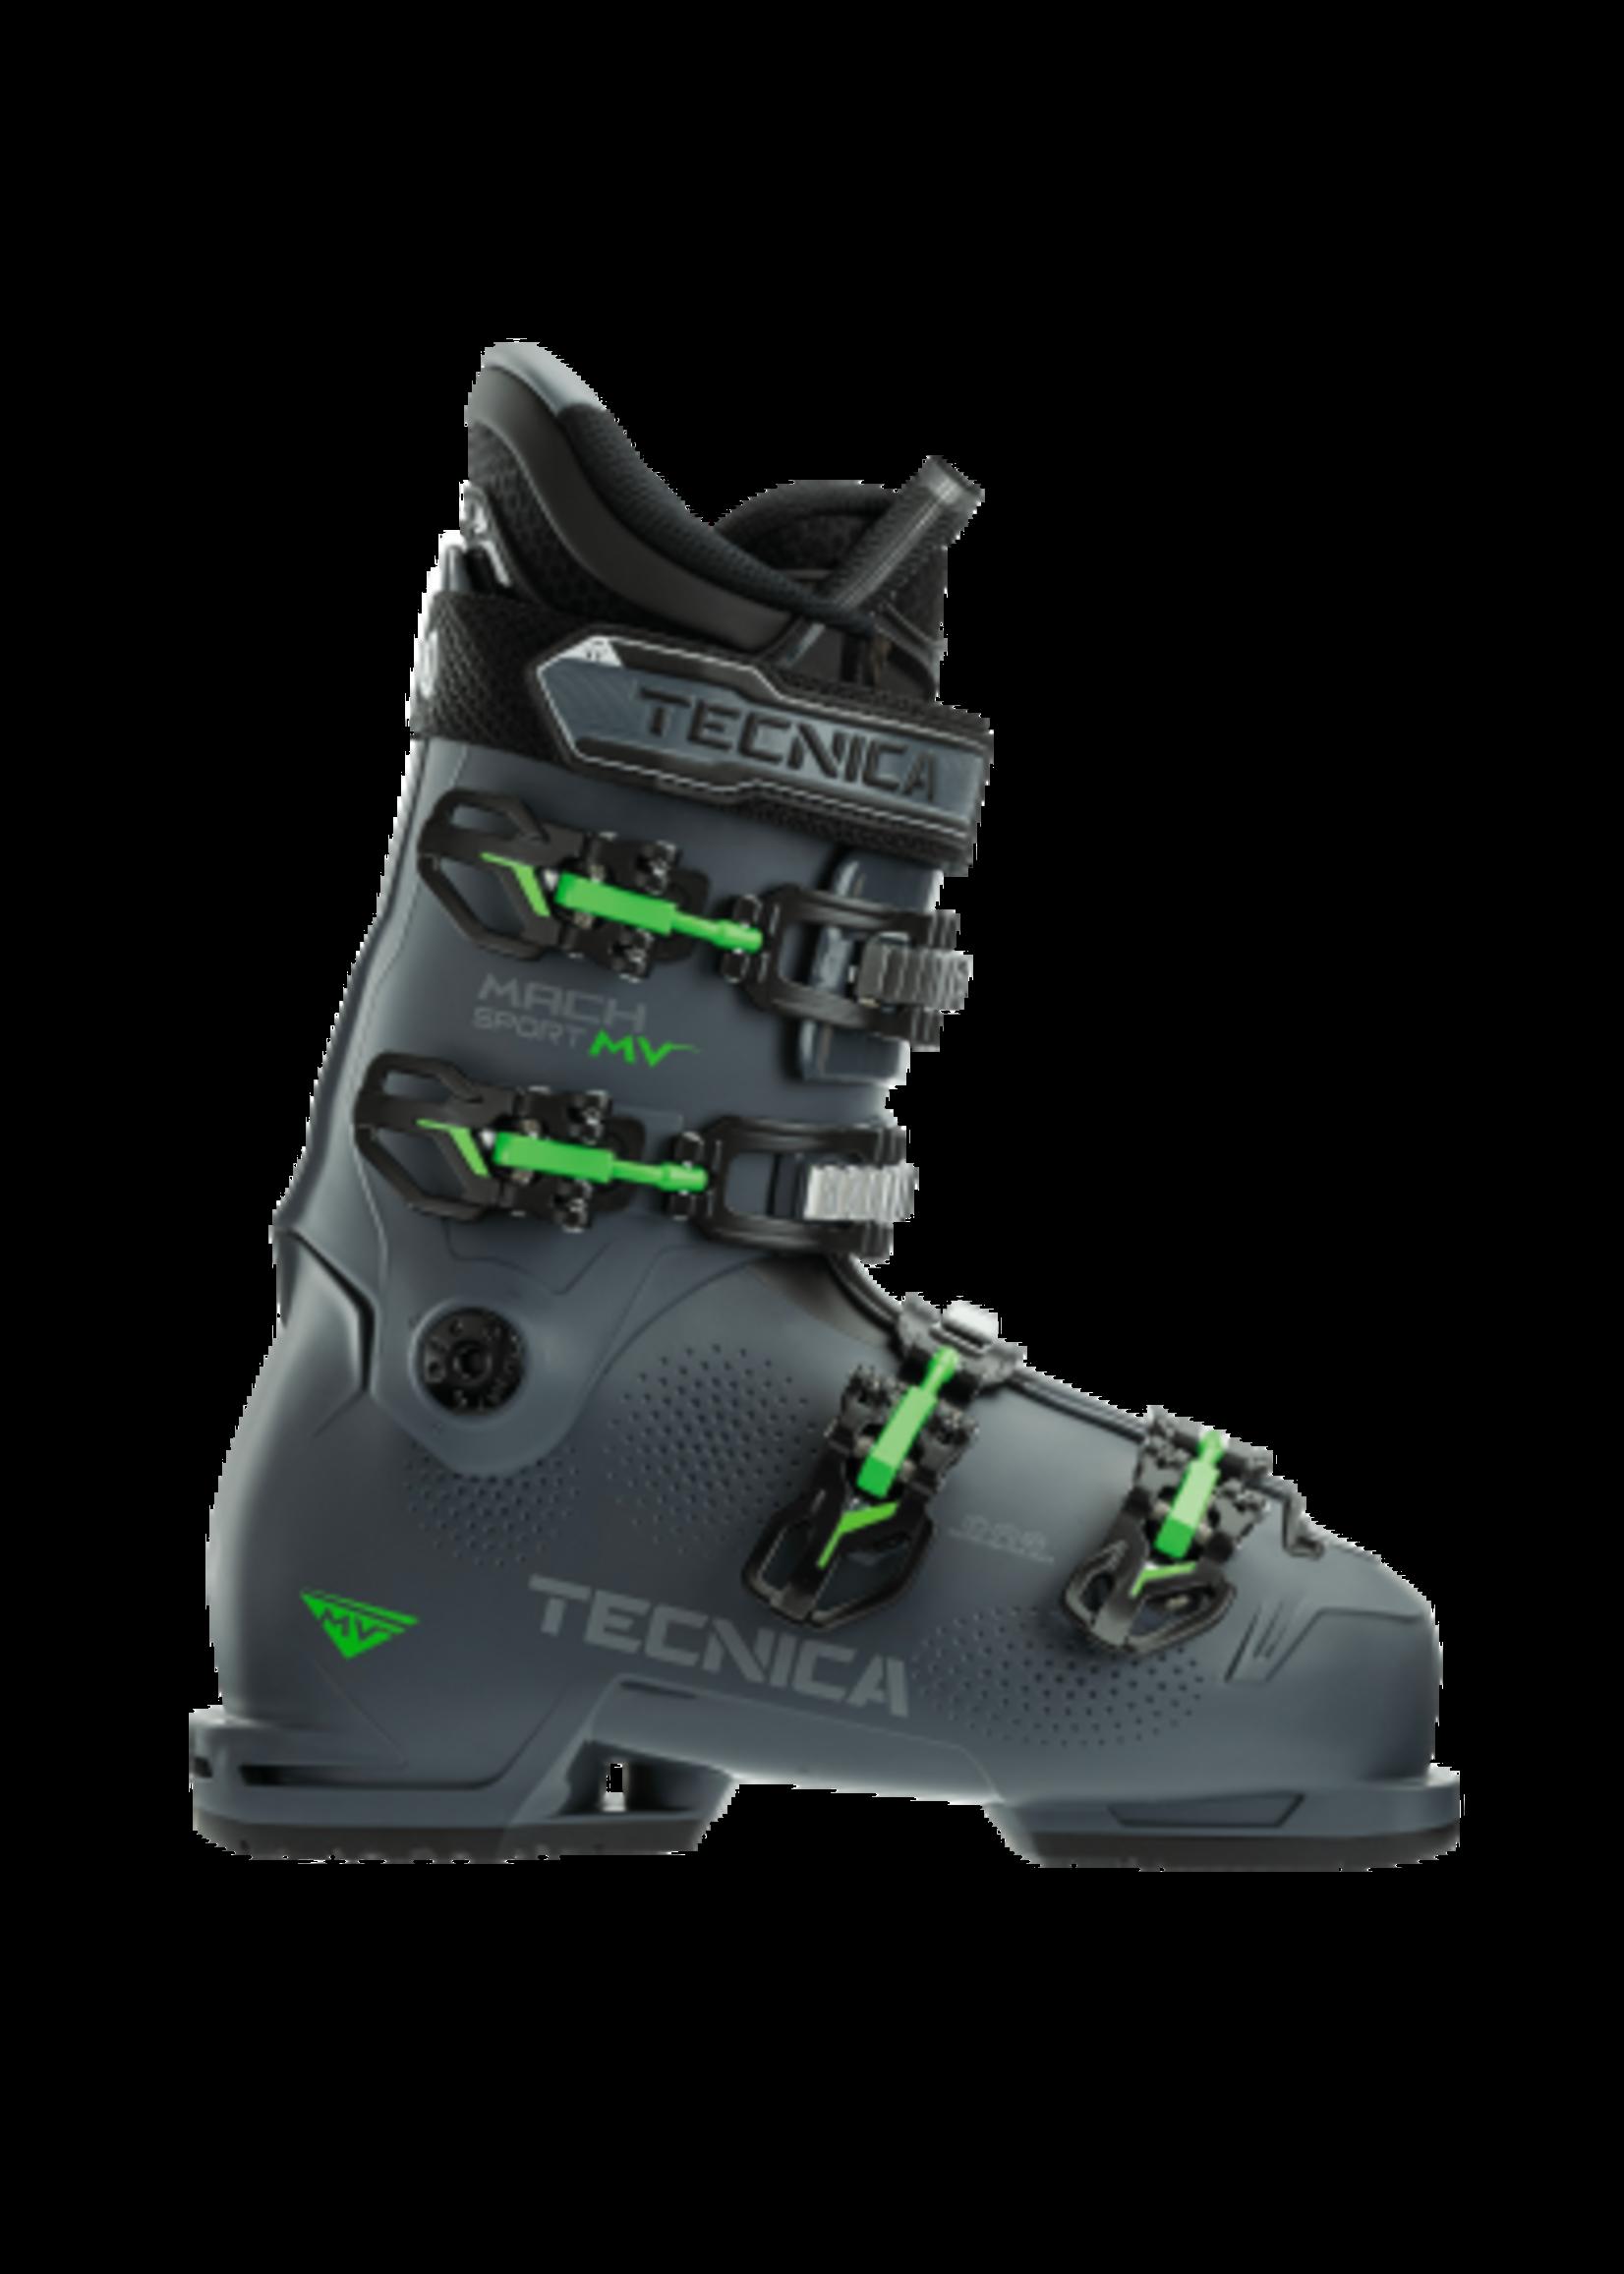 Tecnica Tecnica Mach Sport 90MV 21/22